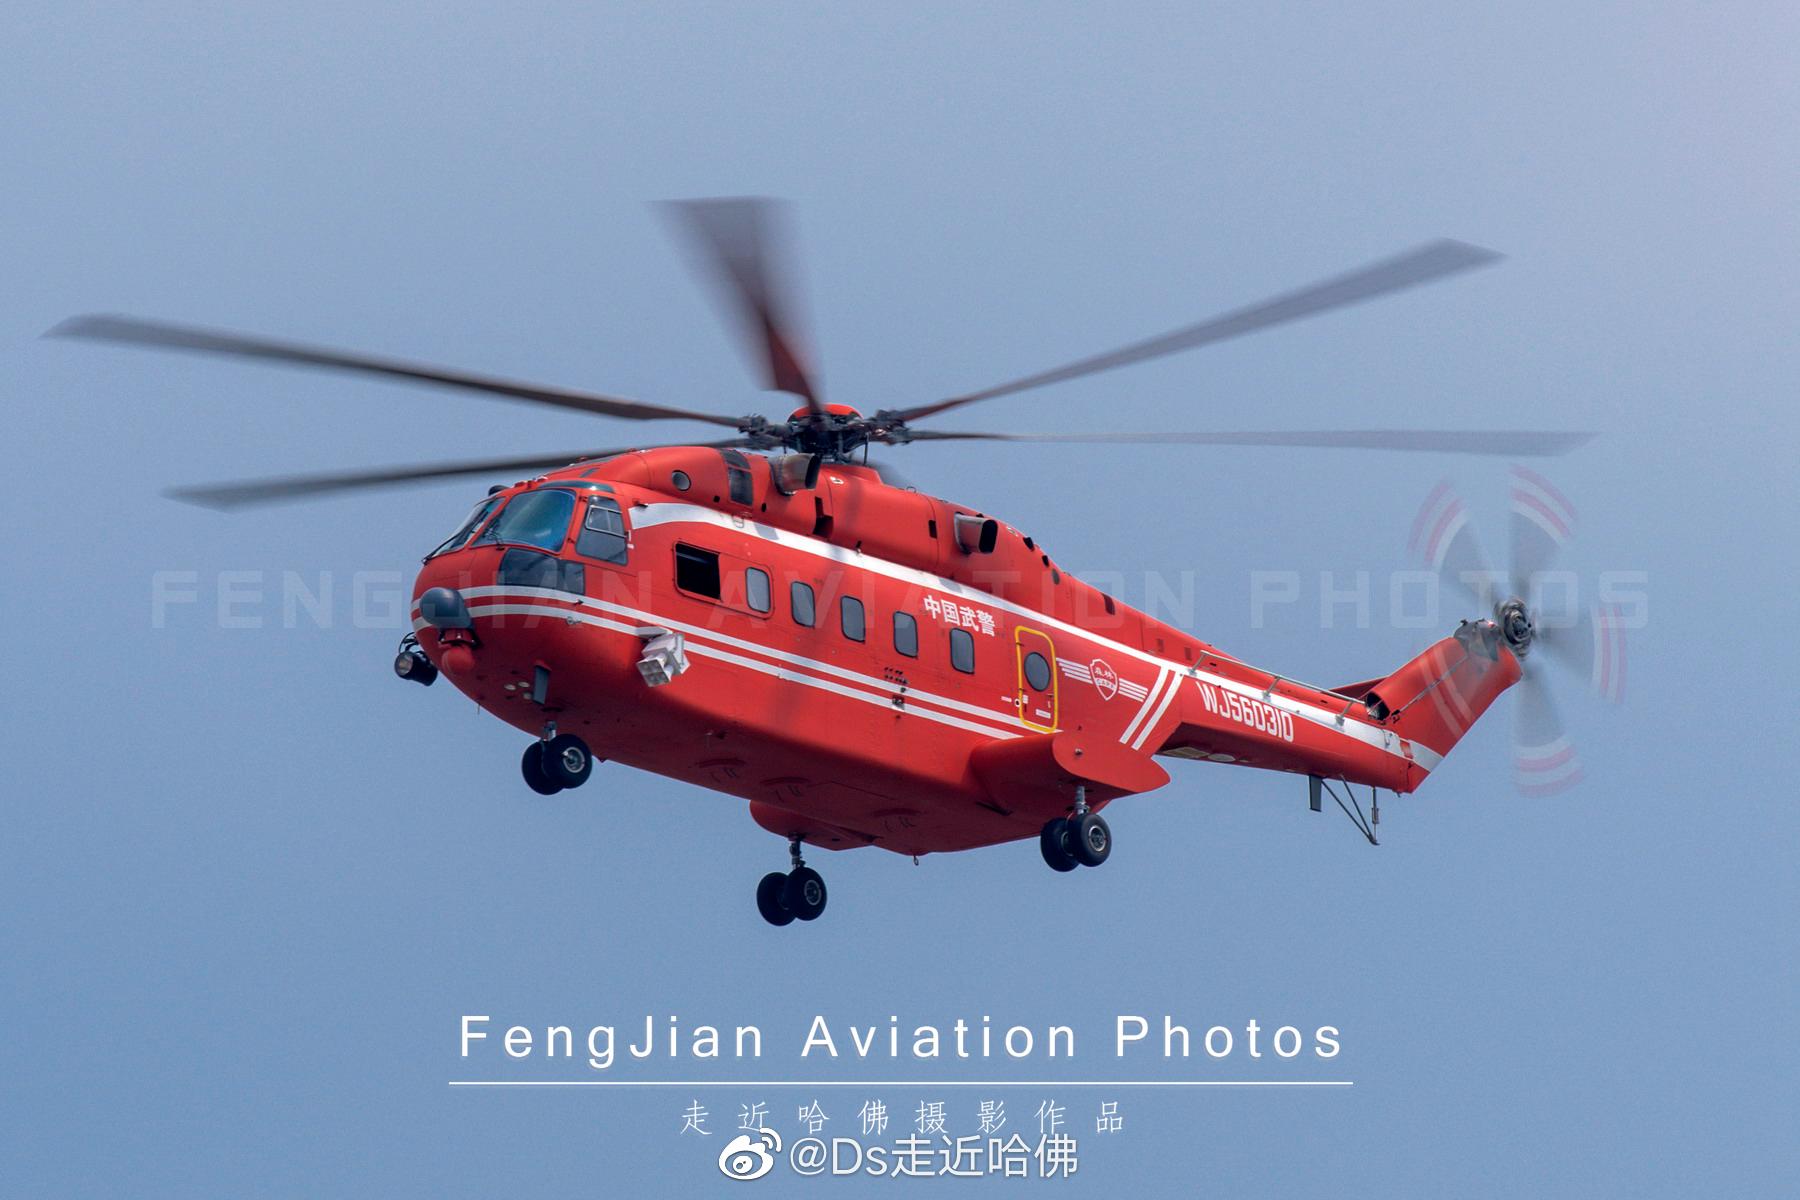 祝国产大型直升机AC313十岁生日快乐!更期待全新AC313A早日亮相!